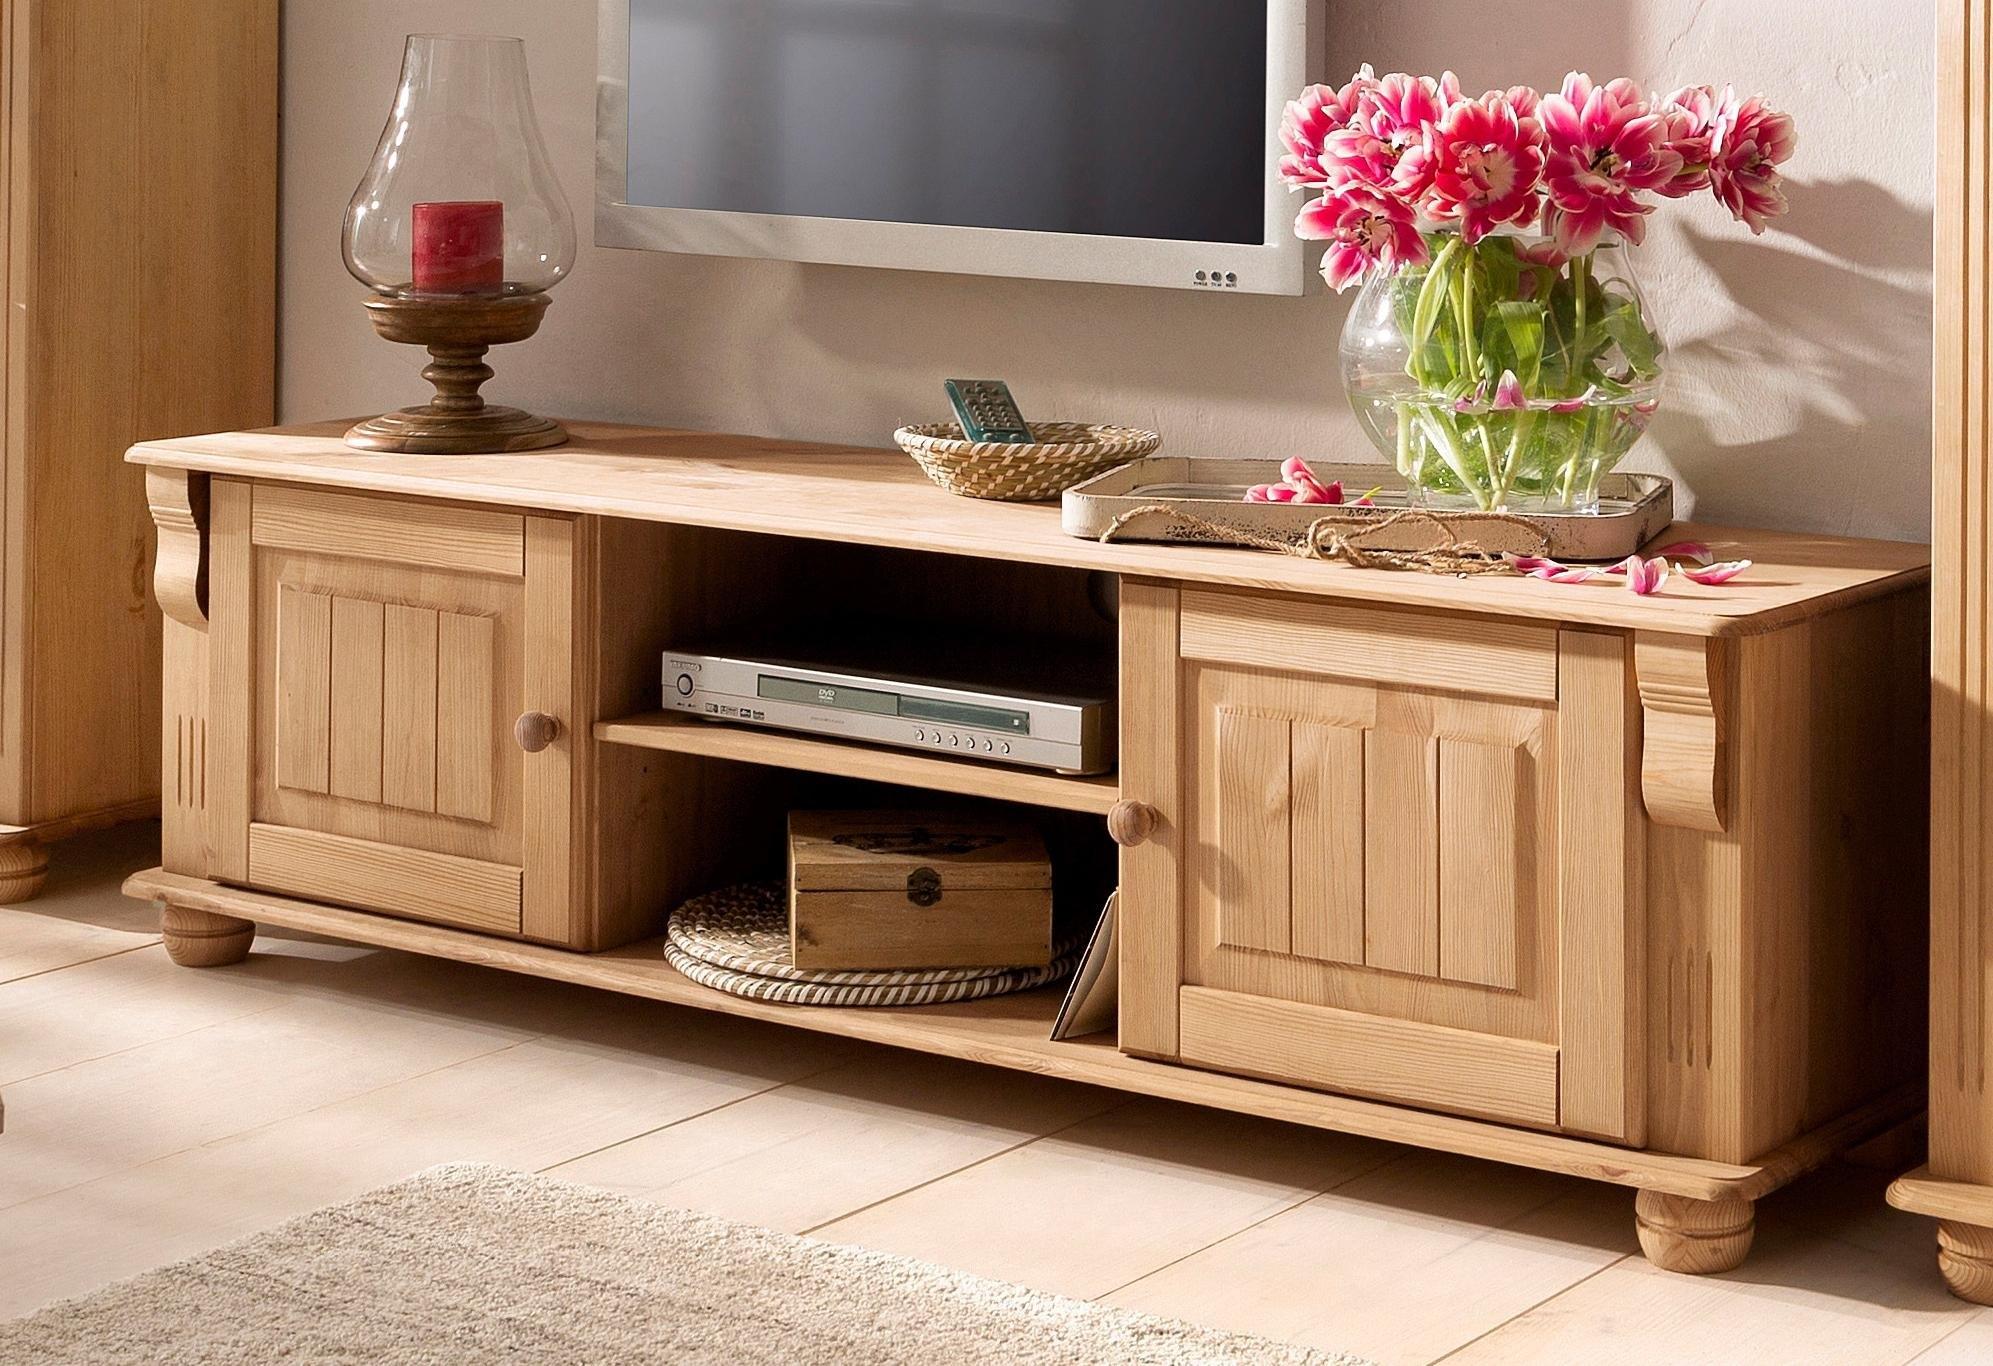 Home affaire tv-meubel »Adele« online kopen op otto.nl